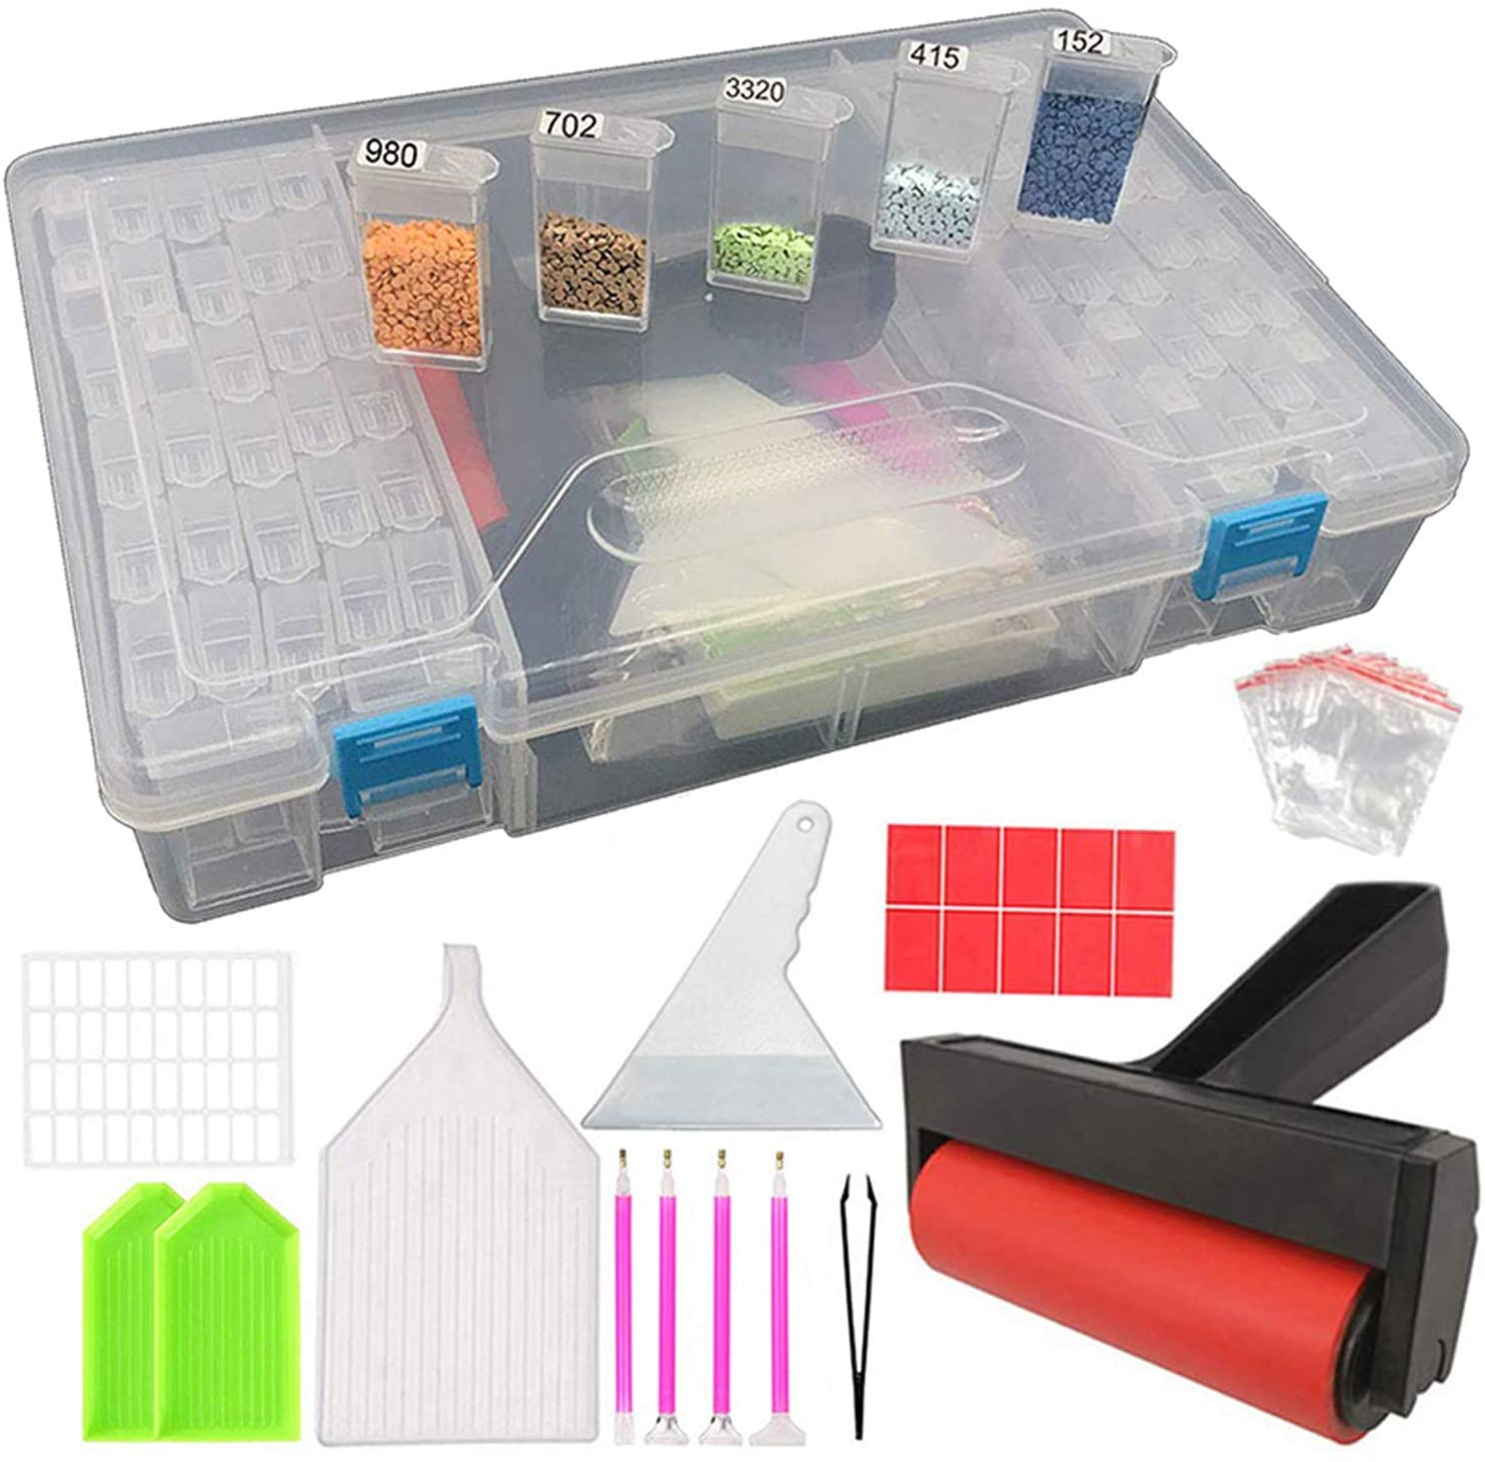 Kit de herramientas para pintura de diamante ARTDOT